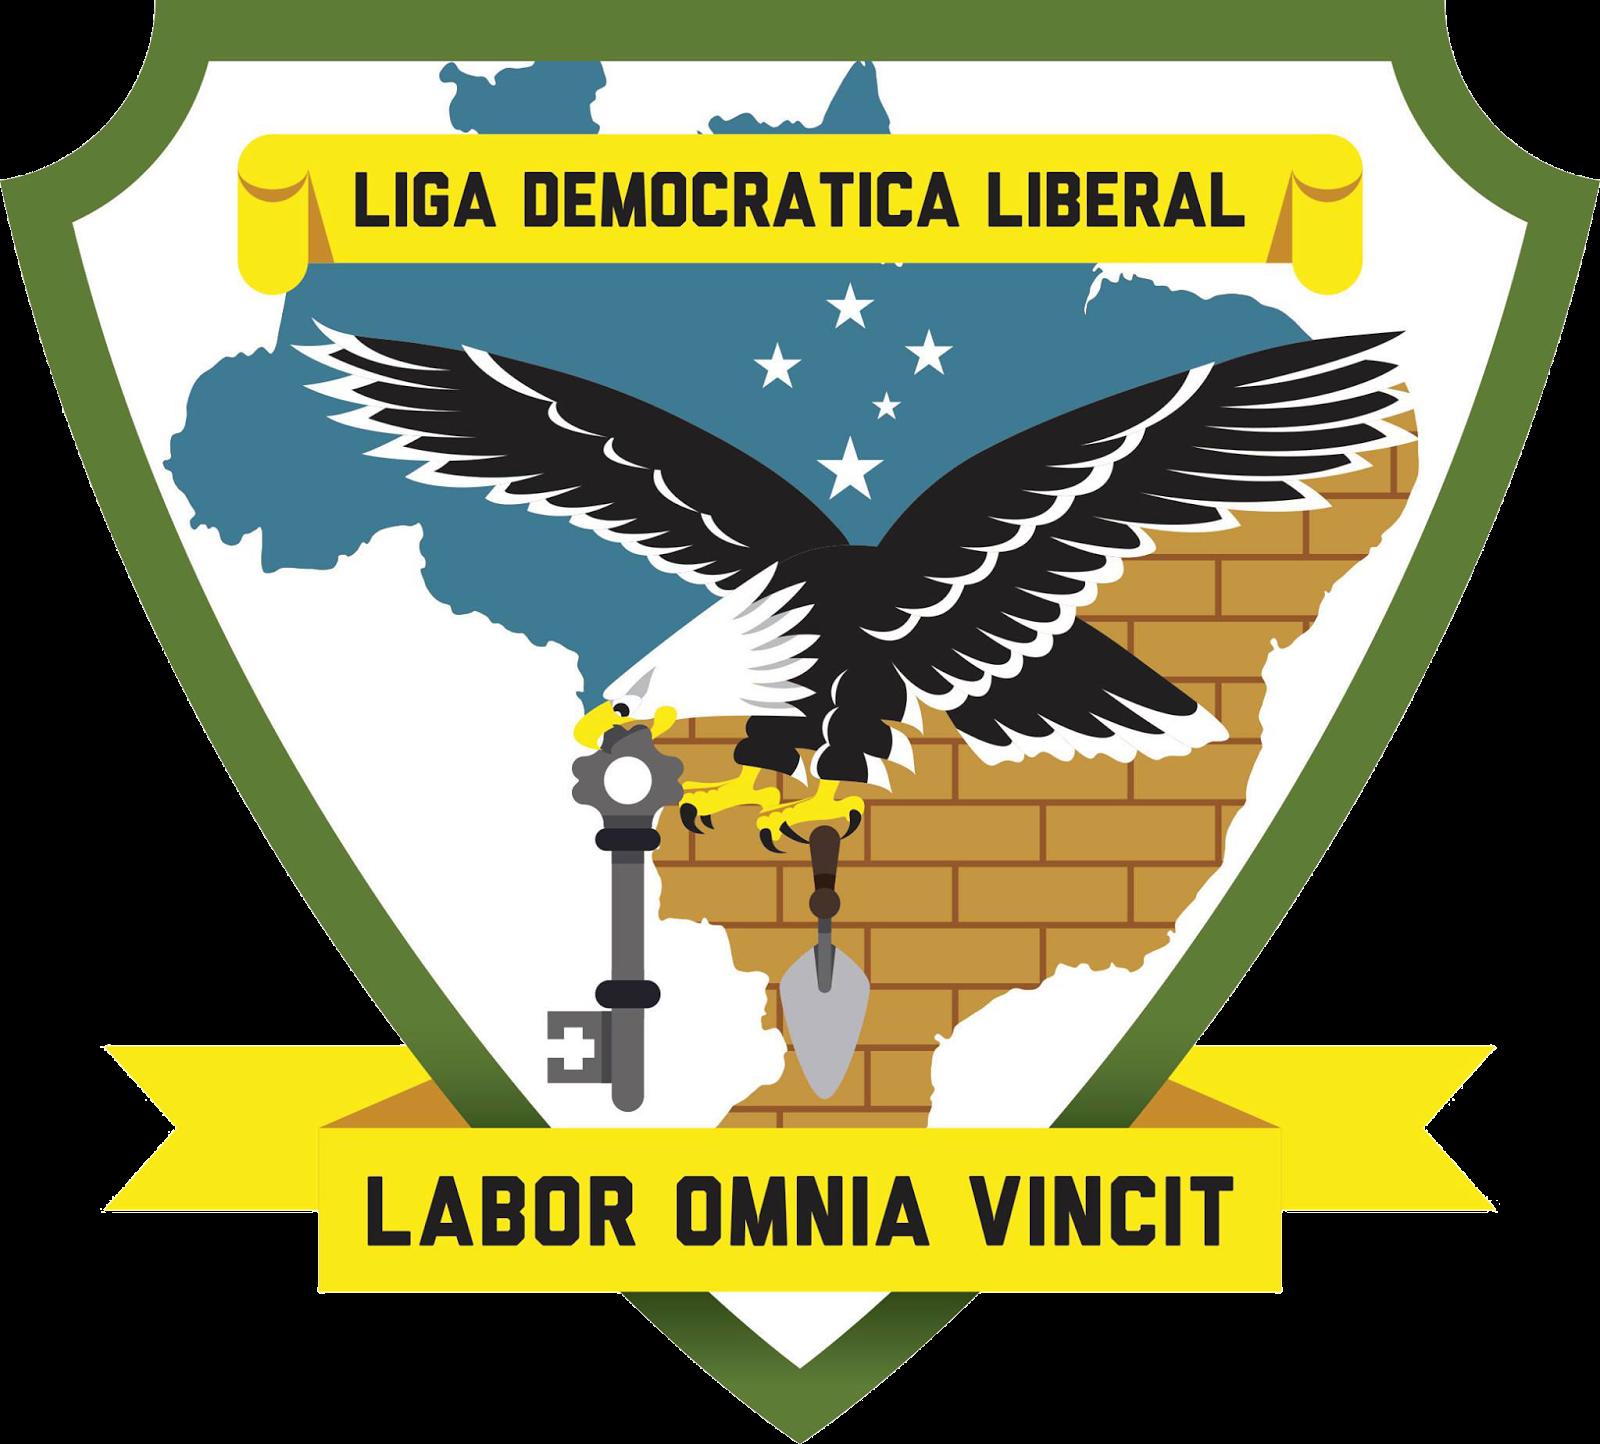 LIGA DEMOCRÁTICA LIBERAL - Facebook